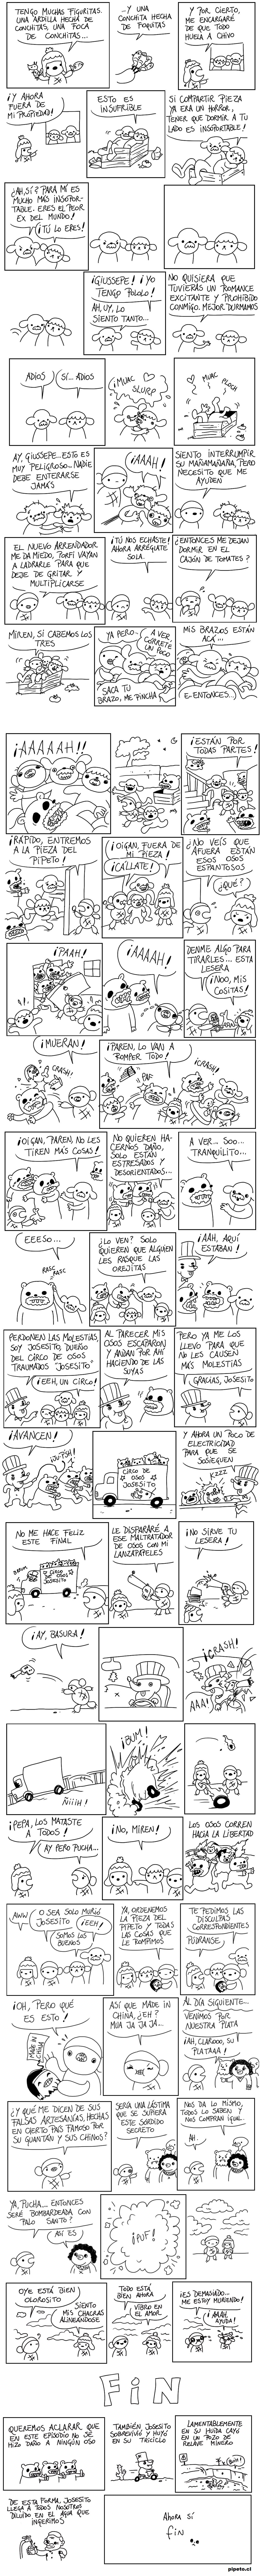 PIPETOCAP30PARTE2